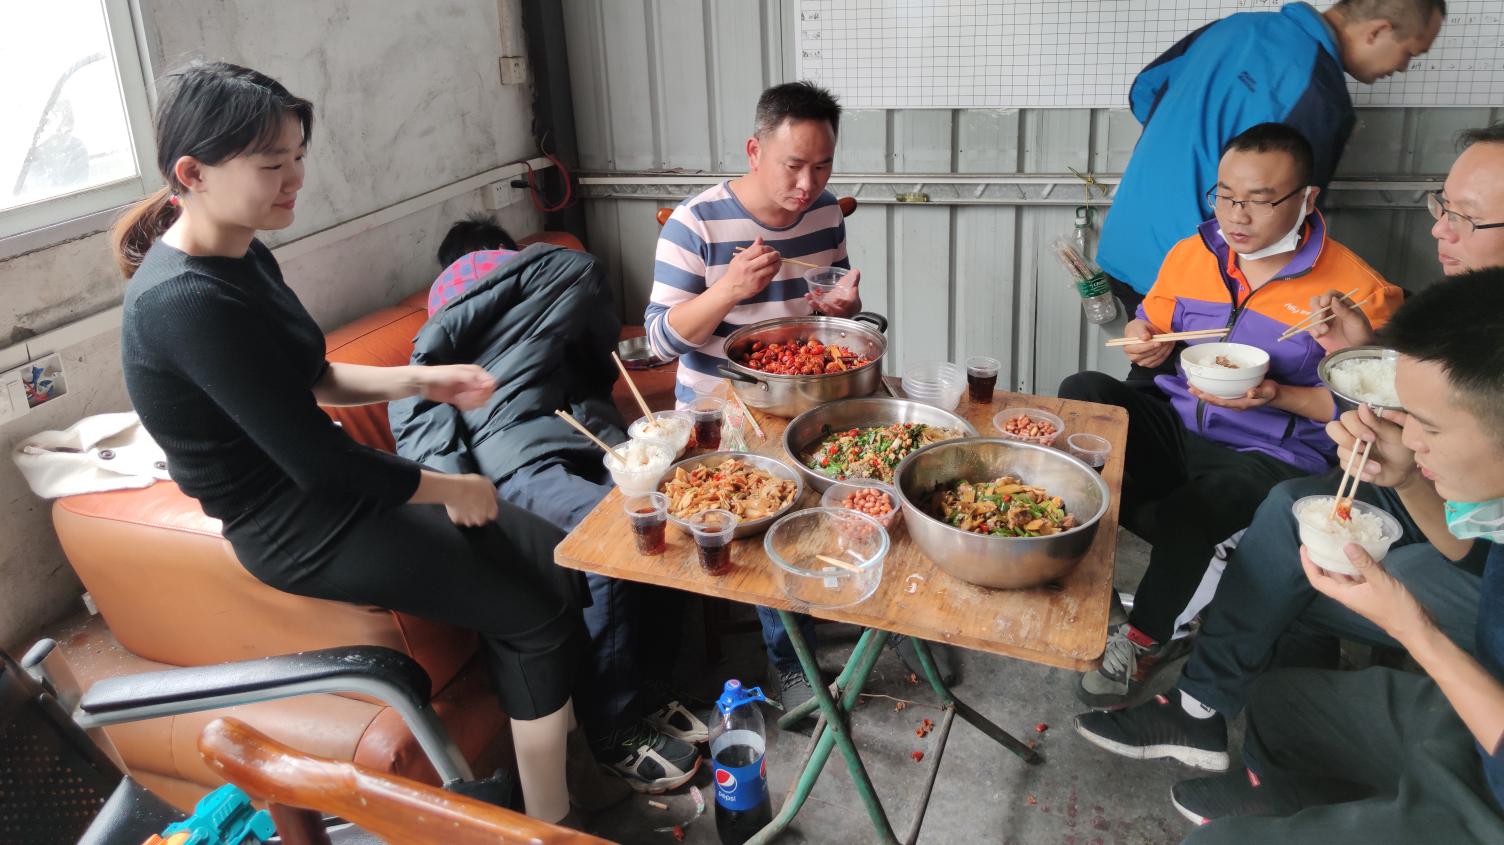 12斤龙虾肉一只公鸡一条3斤的鲫鱼,2箱啤酒5瓶牛栏山,喝个痛快!